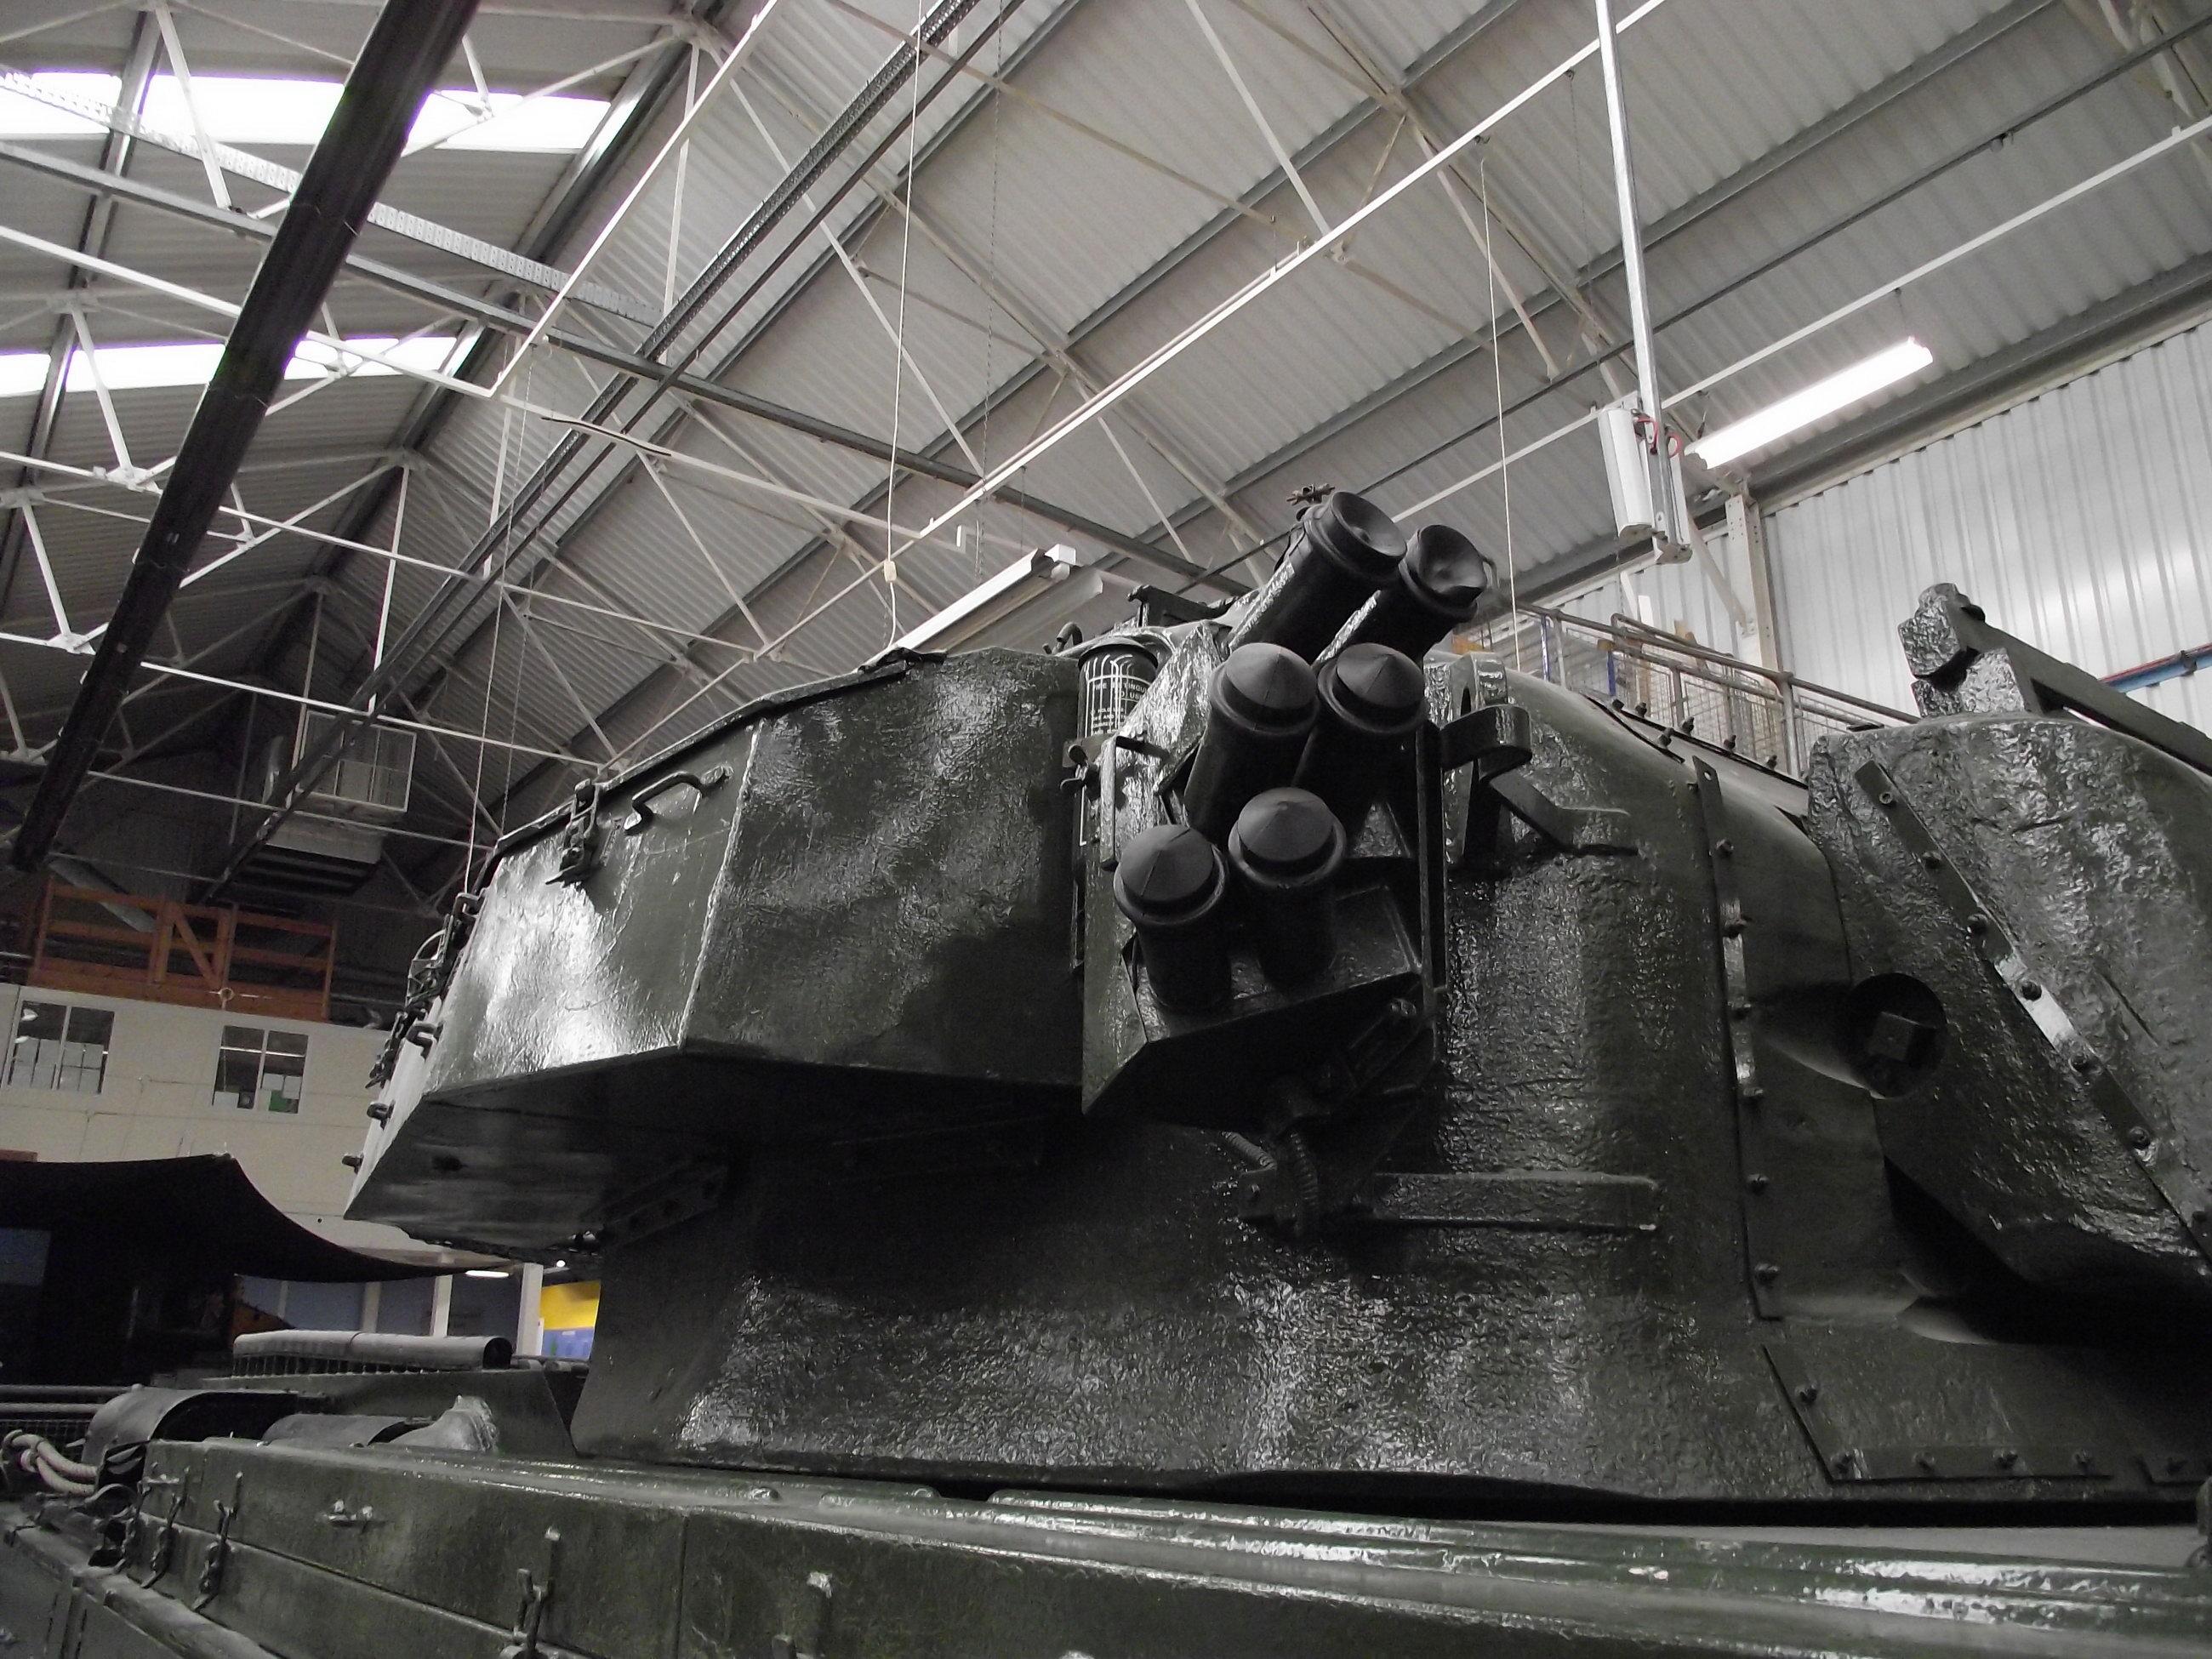 Tank_Museum_20180919_243.jpg